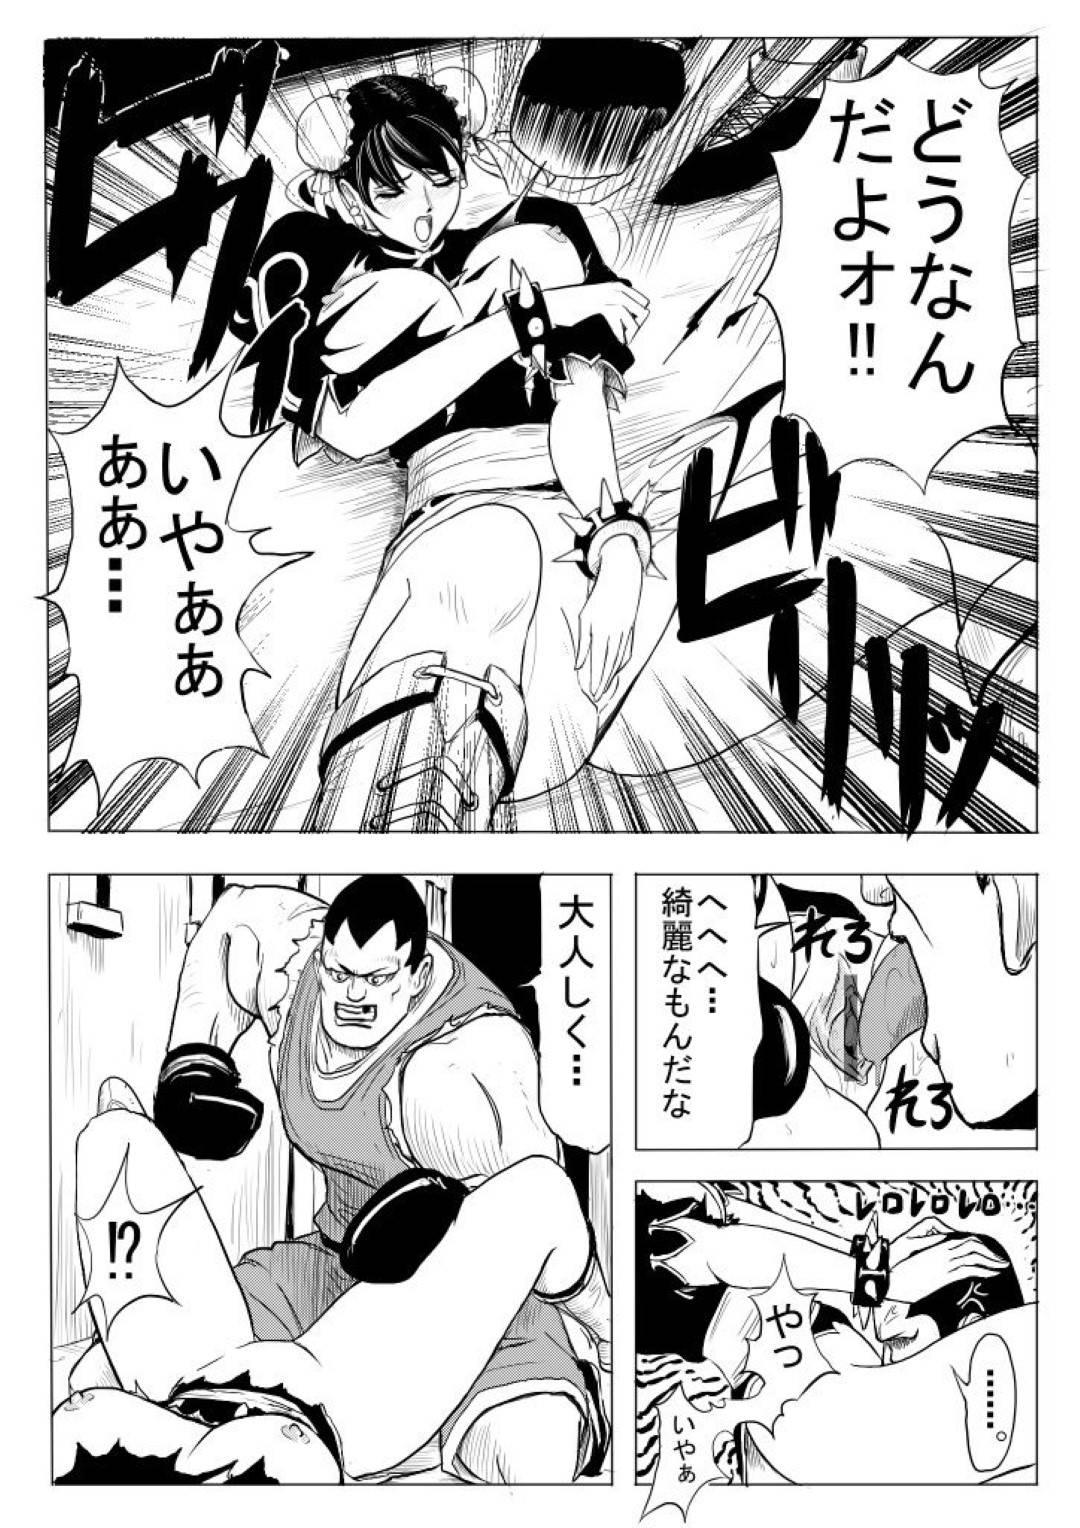 【エロ漫画】悪党のボクサー男と対峙した春麗。攻撃を完全に見切られてしまい、何度も腹を殴られ屈服し強姦されてしまう!立ちバックや正常位でガンガン突かれて悔しいのにイッてしまい、中に出される。